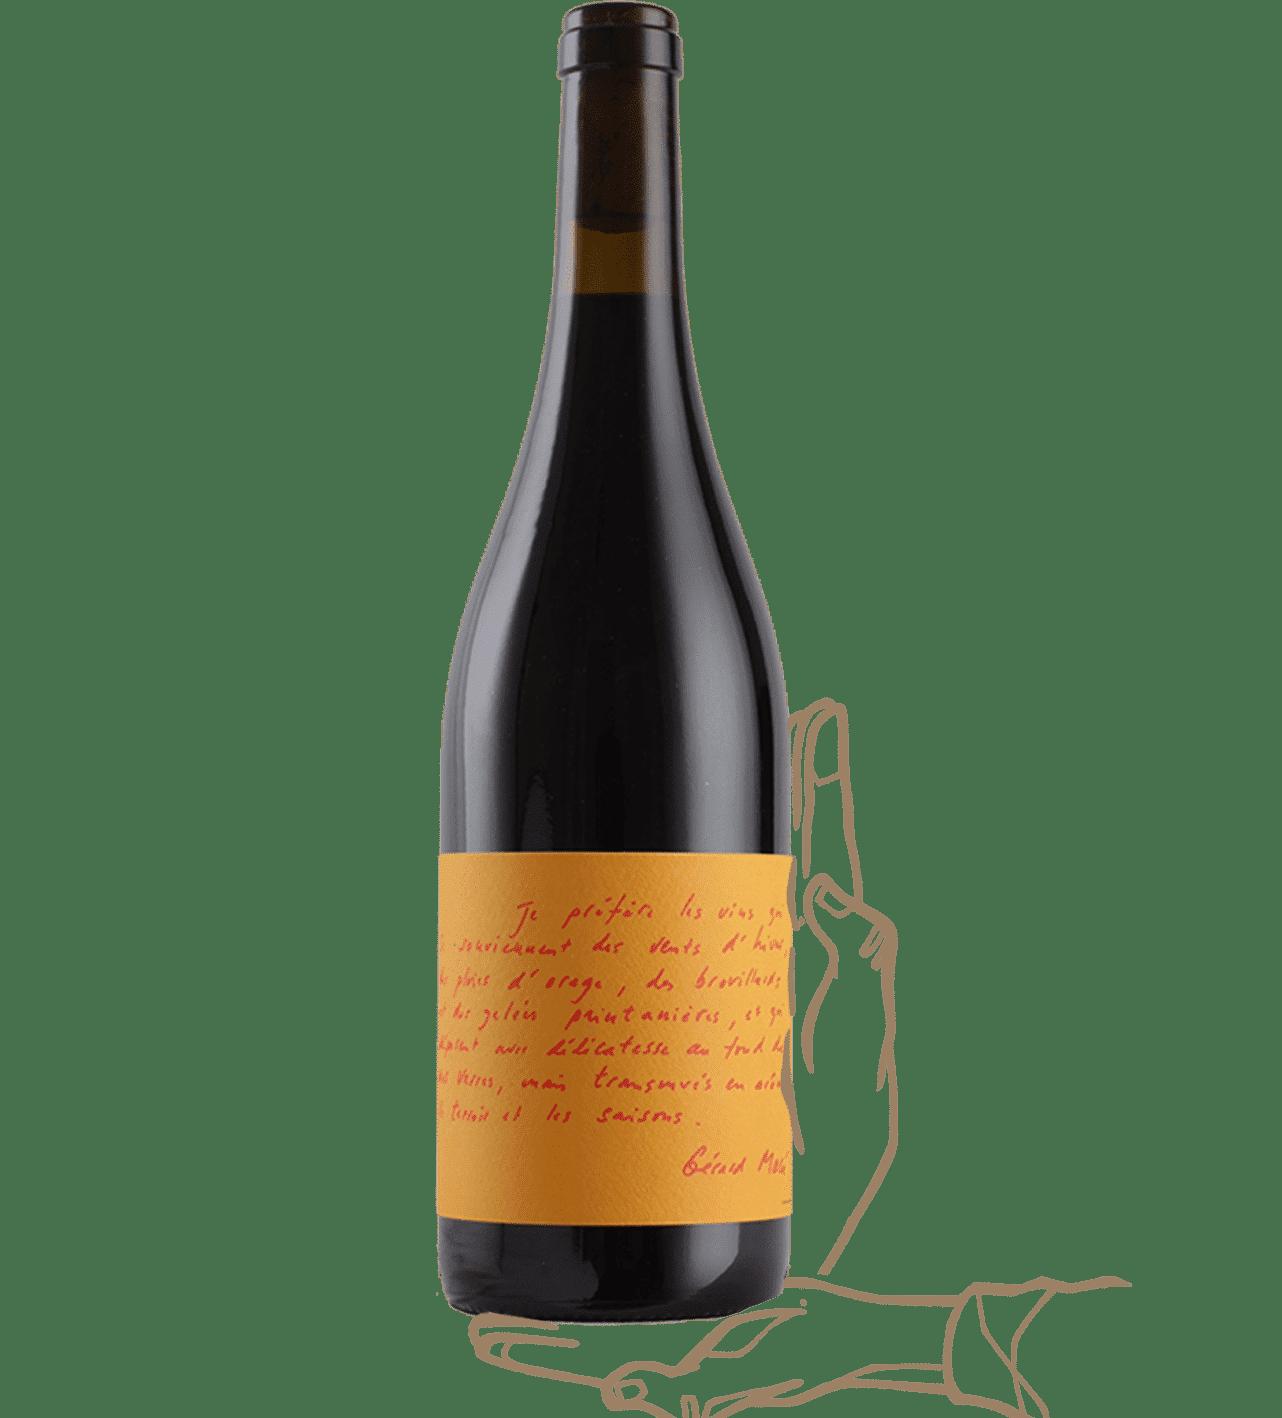 les poètes est fait par vin des potes et c'est un vin rouge naturel